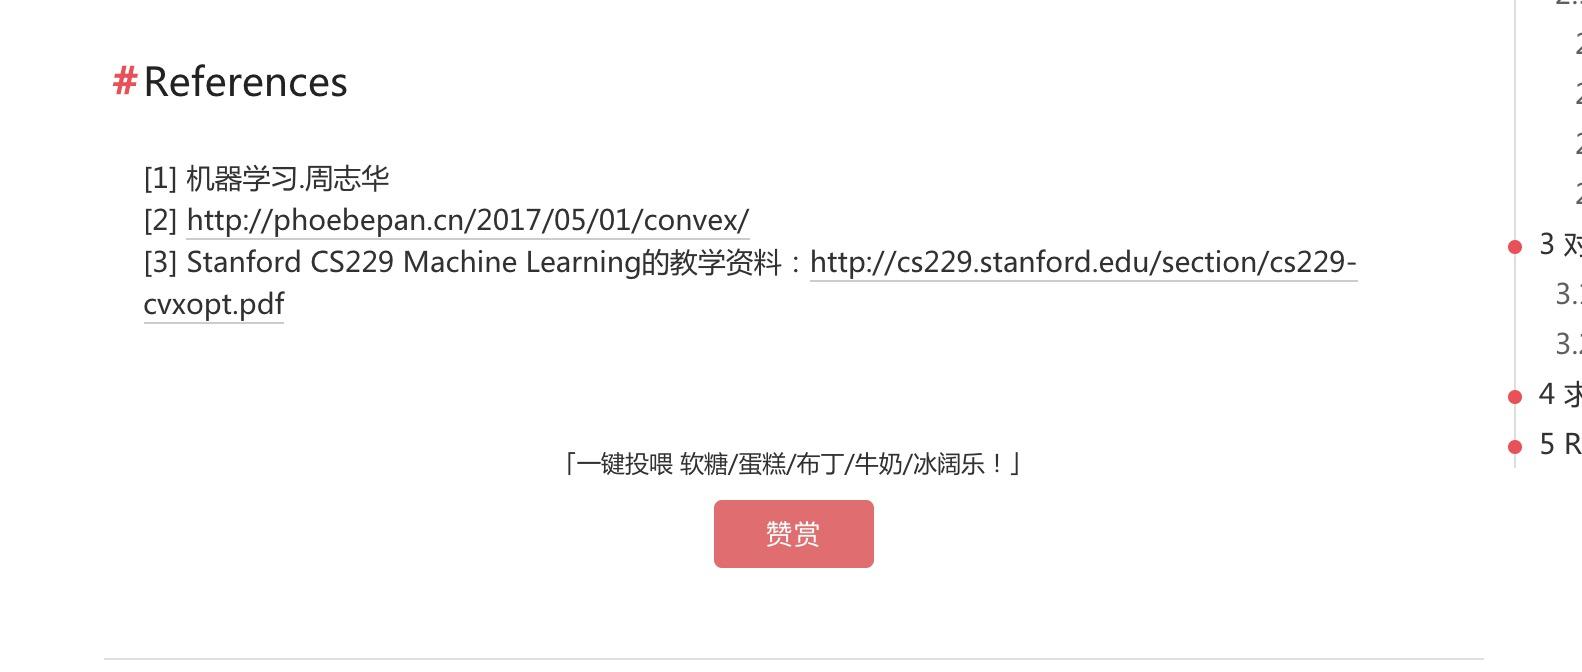 65B6E30D-9693-40F3-87F0-3C37DFD57E5E.png